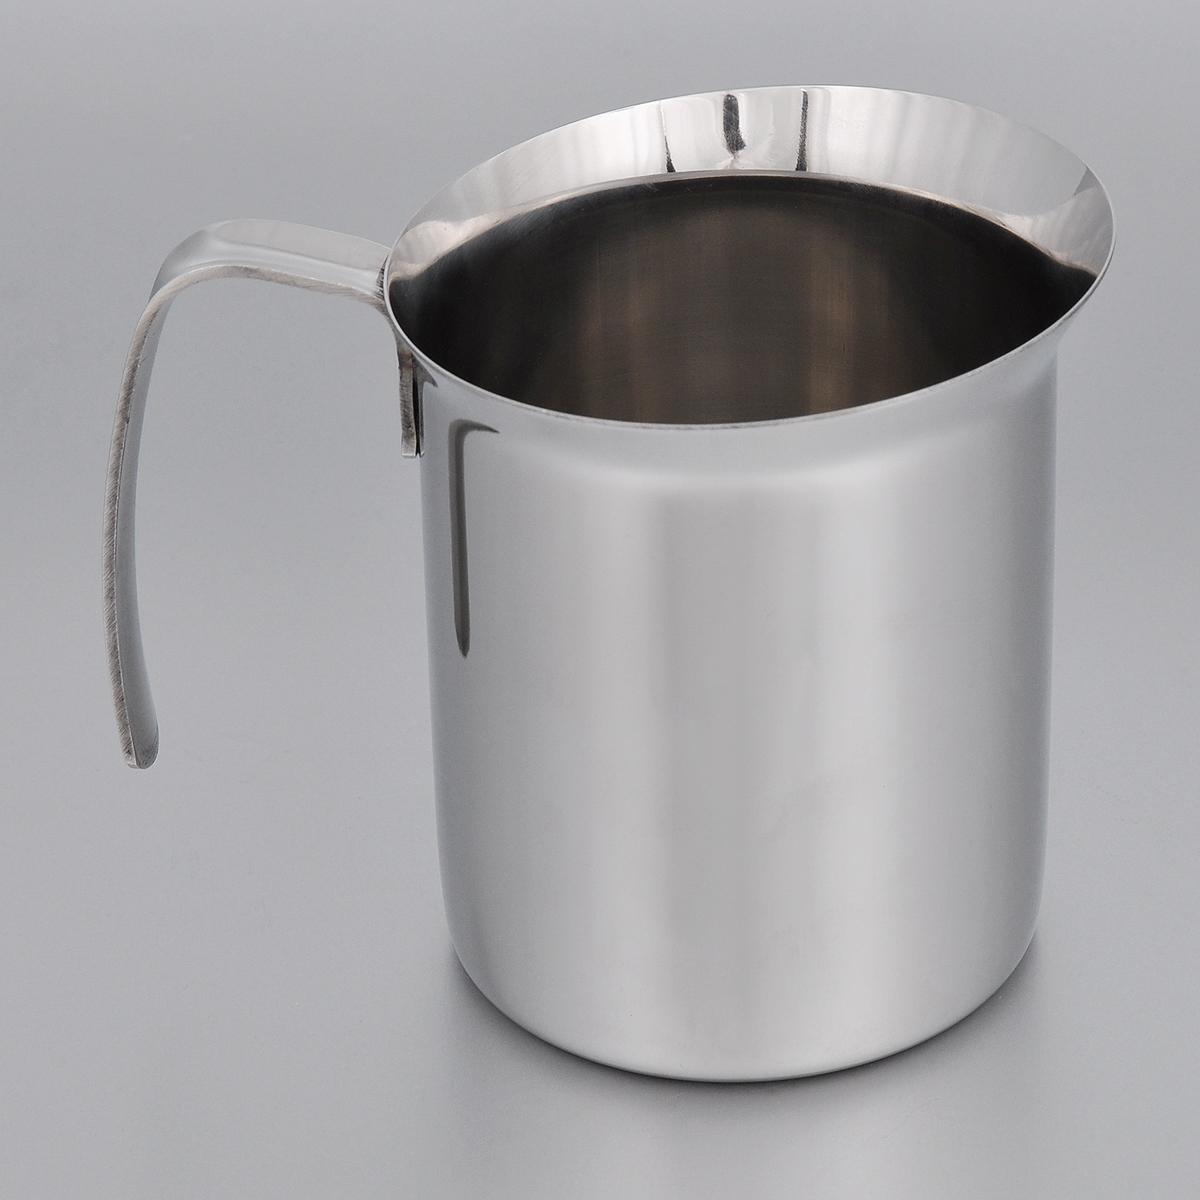 Кружка для взбивания молока Bialetti Elegance, 750 мл1804Кружка для взбивания молока Bialetti Elegance изготовлена из высококачественной нержавеющей стали. Изделие оснащено ручкой и специальным носиком для удобного выливания жидкости. Зеркальная полировка придает посуде эстетичный вид.Можно использовать на газовых, электрических и стеклокерамических плитах.Объем: 750 мл. Диаметр по верхнему краю: 11 см.Диаметр дна: 9 см. Высота стенки: 11,3 см.